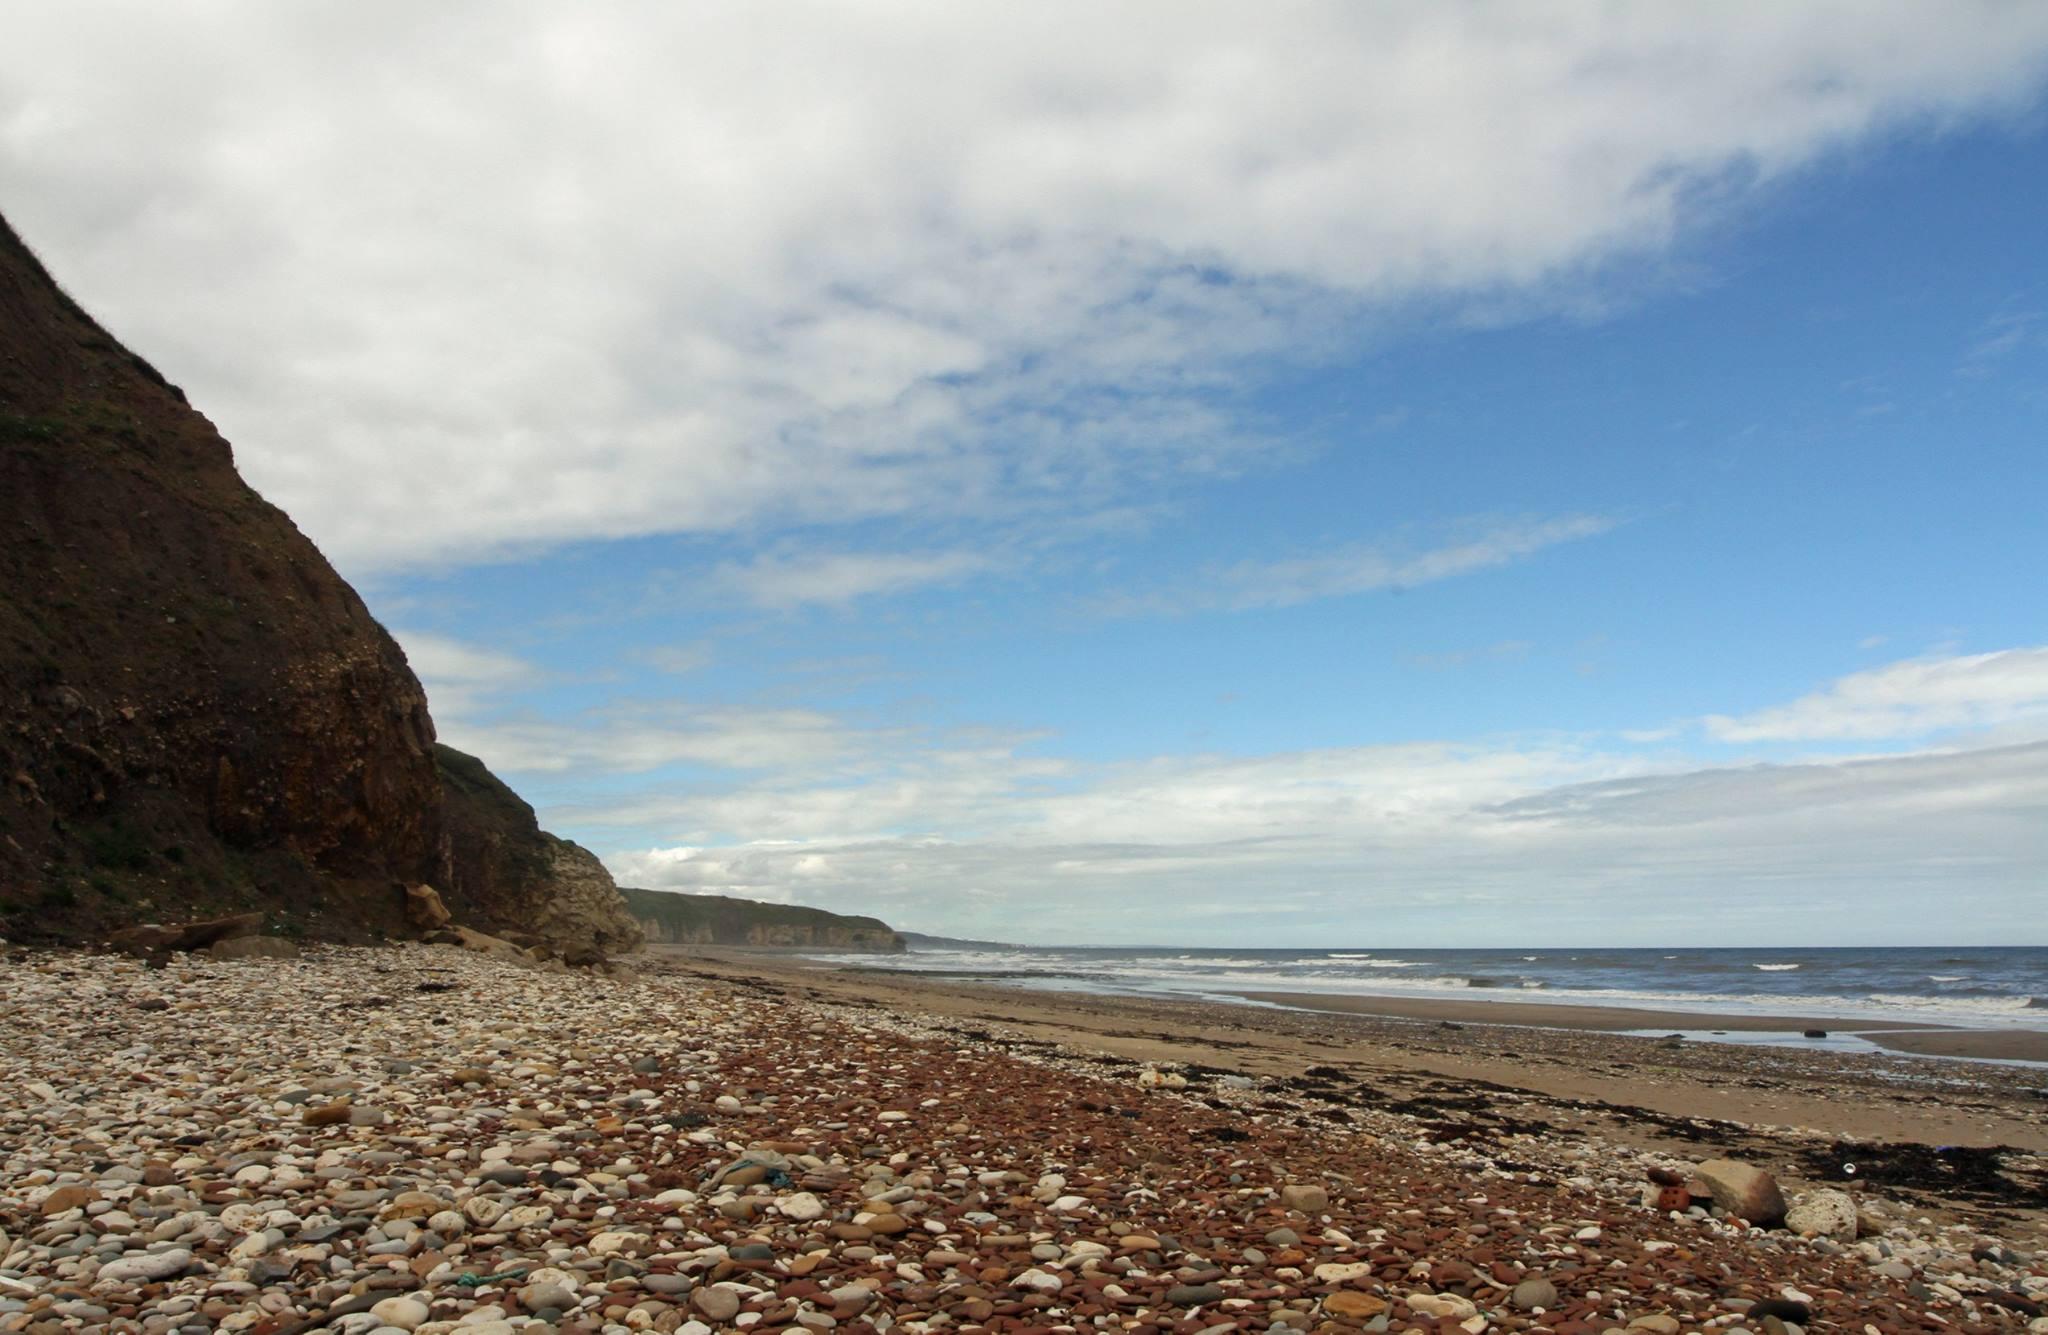 Crimdon Beach. Photo Paul White